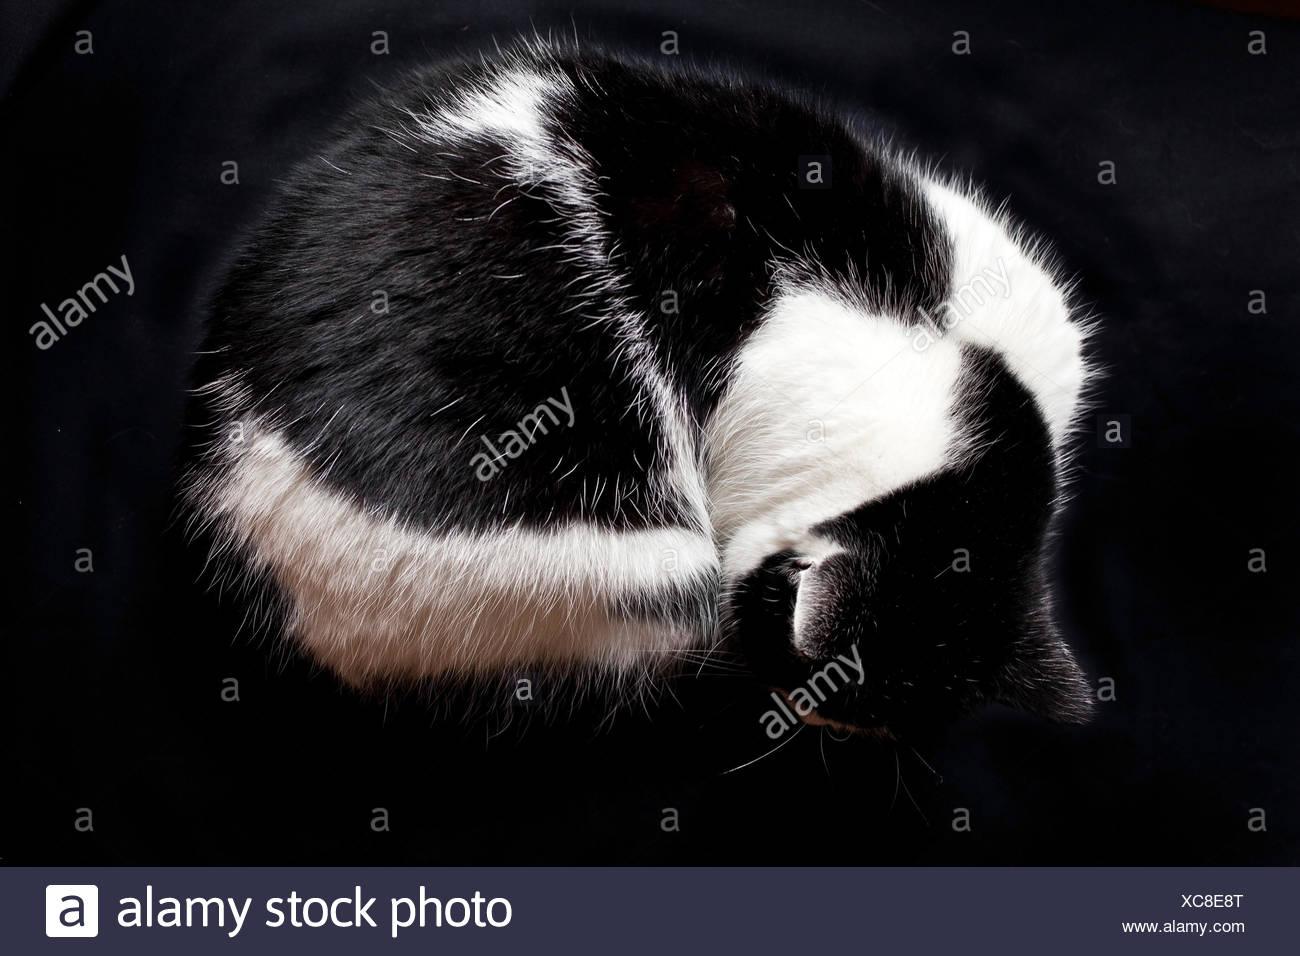 Hauskatze, Haus-Katze (Felis Silvestris F. Catus), Zusammengerollte Schwarzweisse Hauskatze   Hauskatze, Hauskatze (Felis sil Stockbild